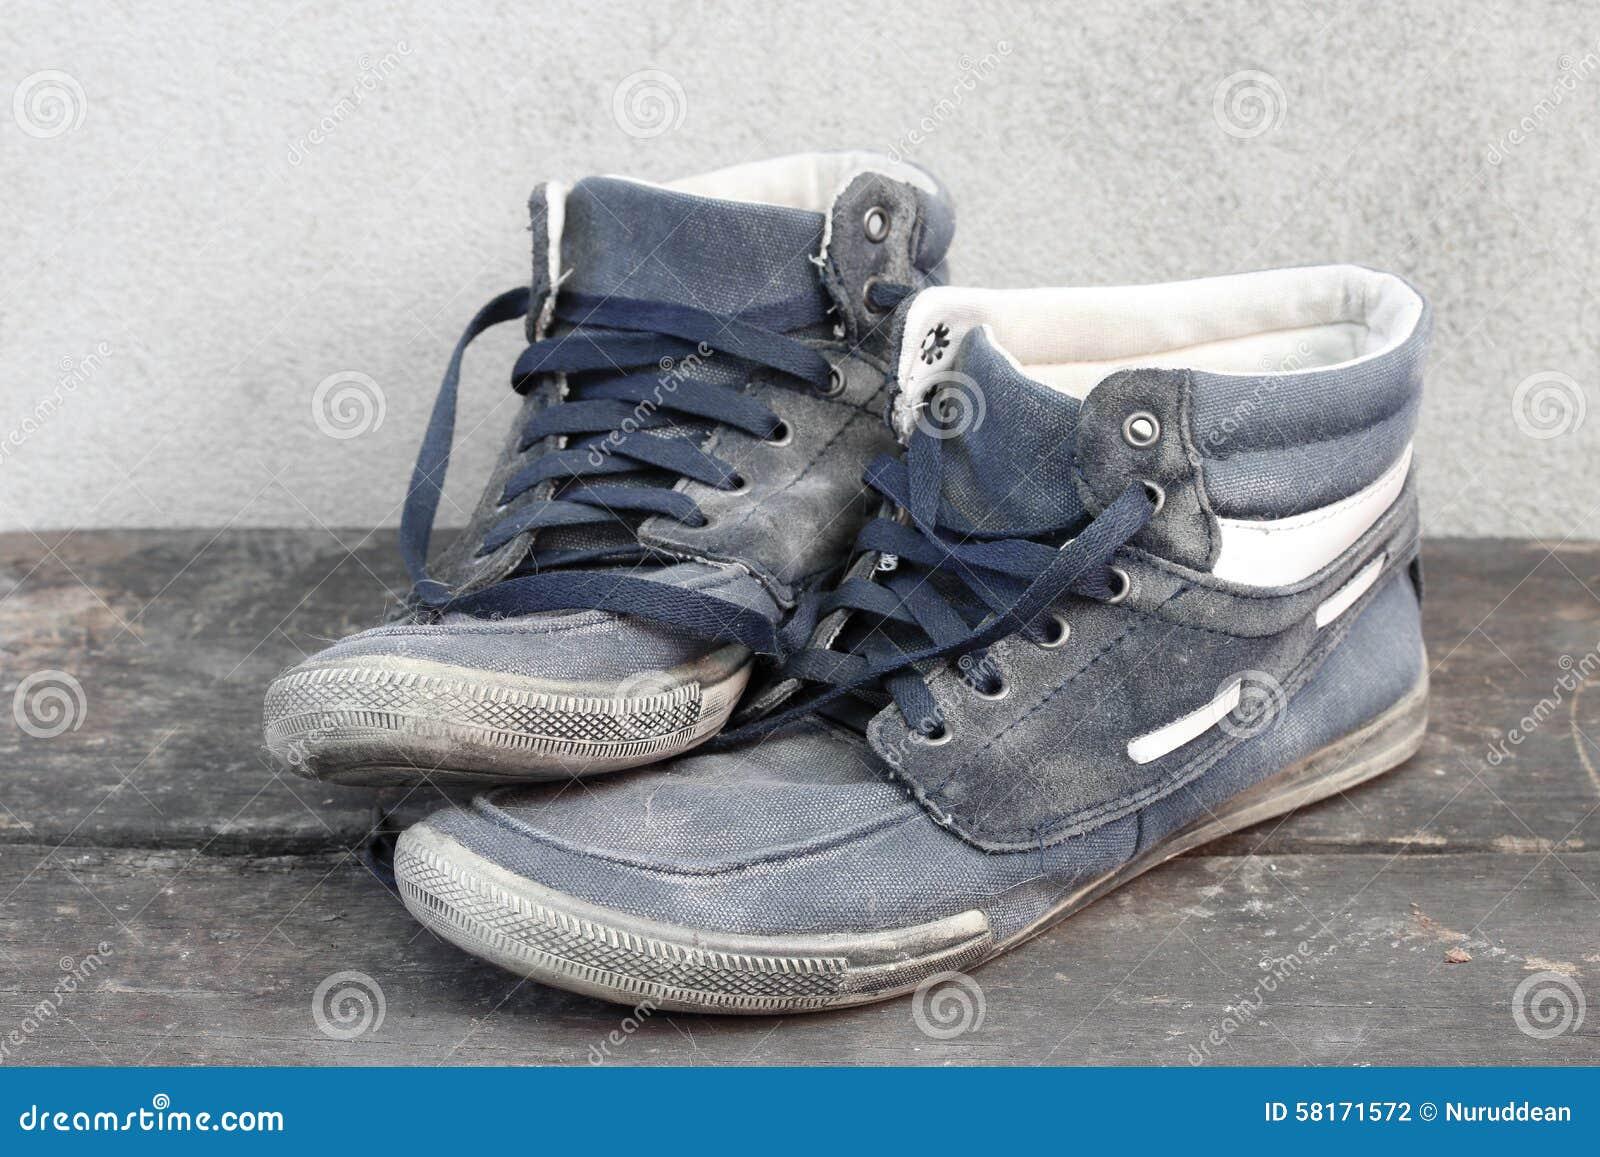 Gebruikte Houten Vloer : Gebruikte oude tennisschoenen op de houten vloer stock foto